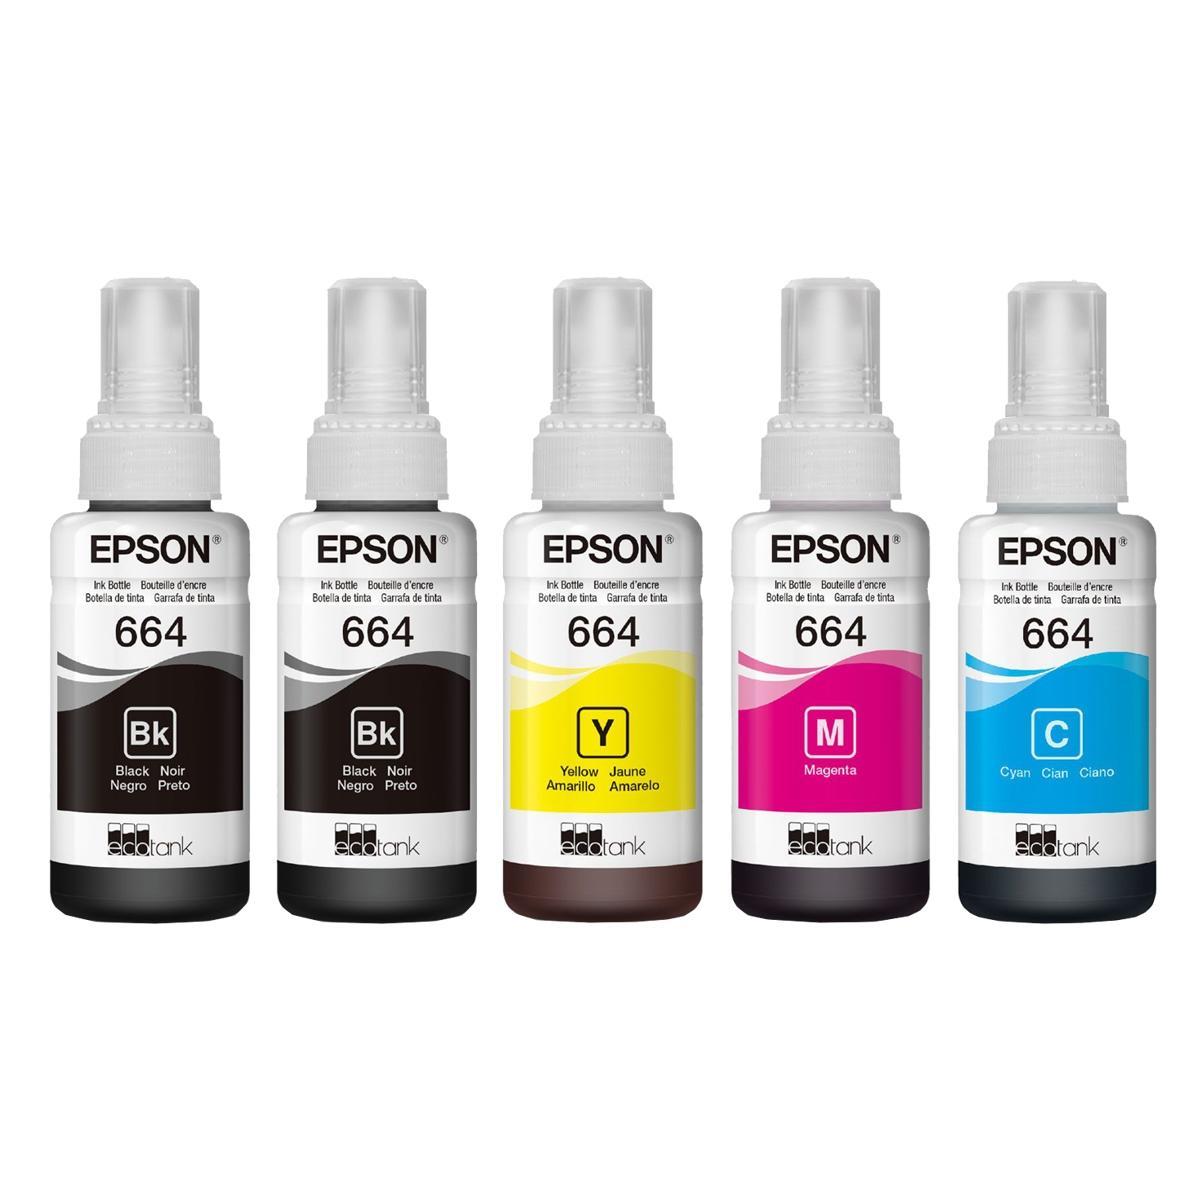 Kit Refil de Tinta Original Epson 5 Cores para Epson L1300